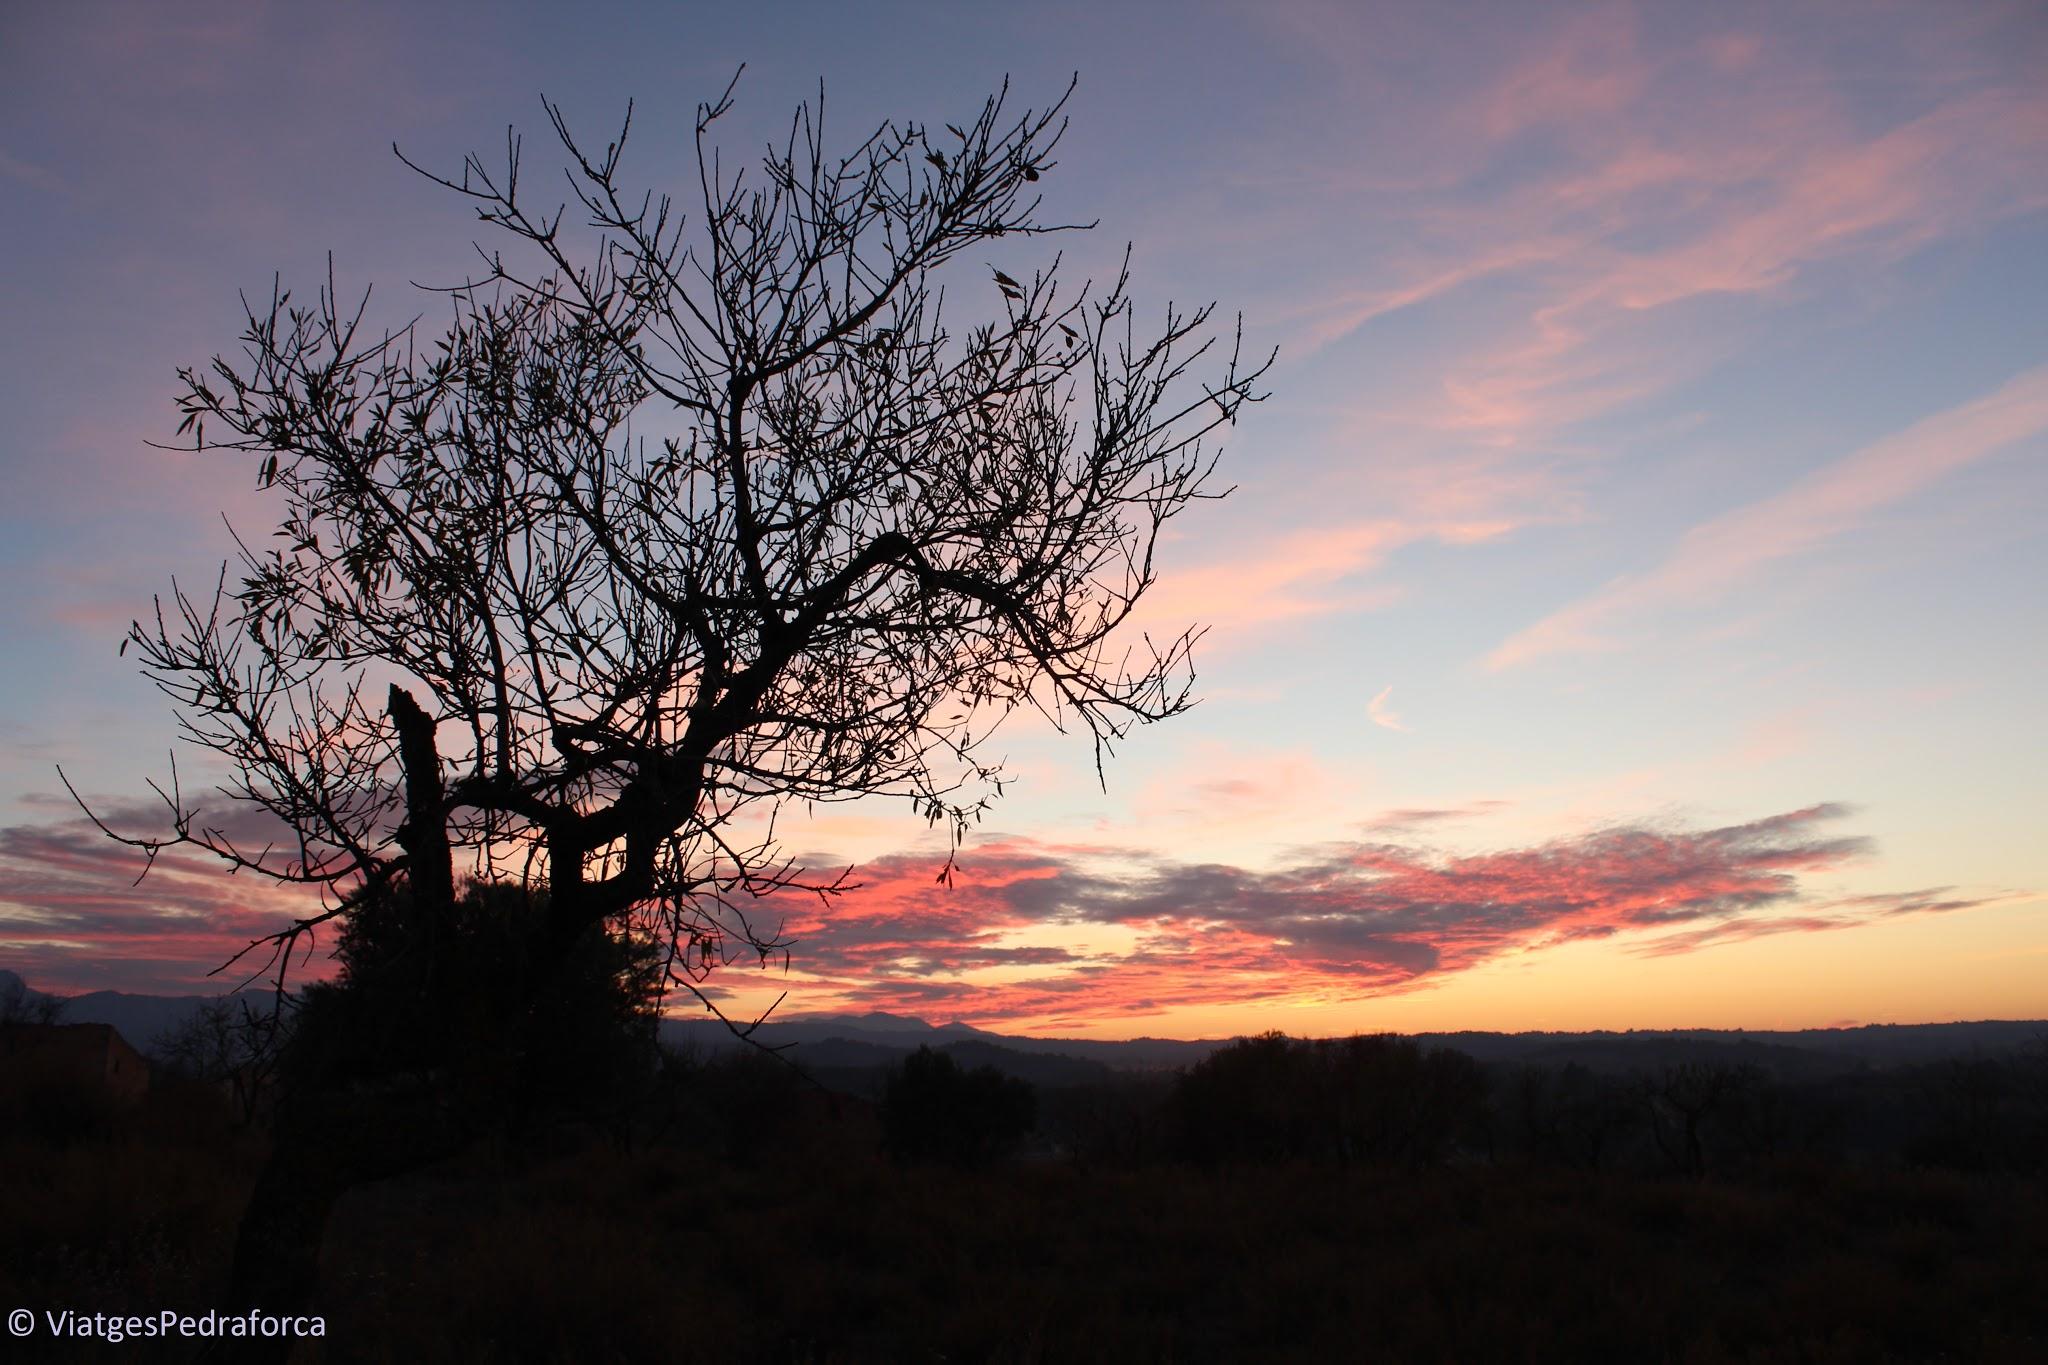 Ruta pel Matarranya i la Terra Alta, pobles amb encant, patrimoni cultural, Catalunya, Terres de l'Ebre, posta de sol